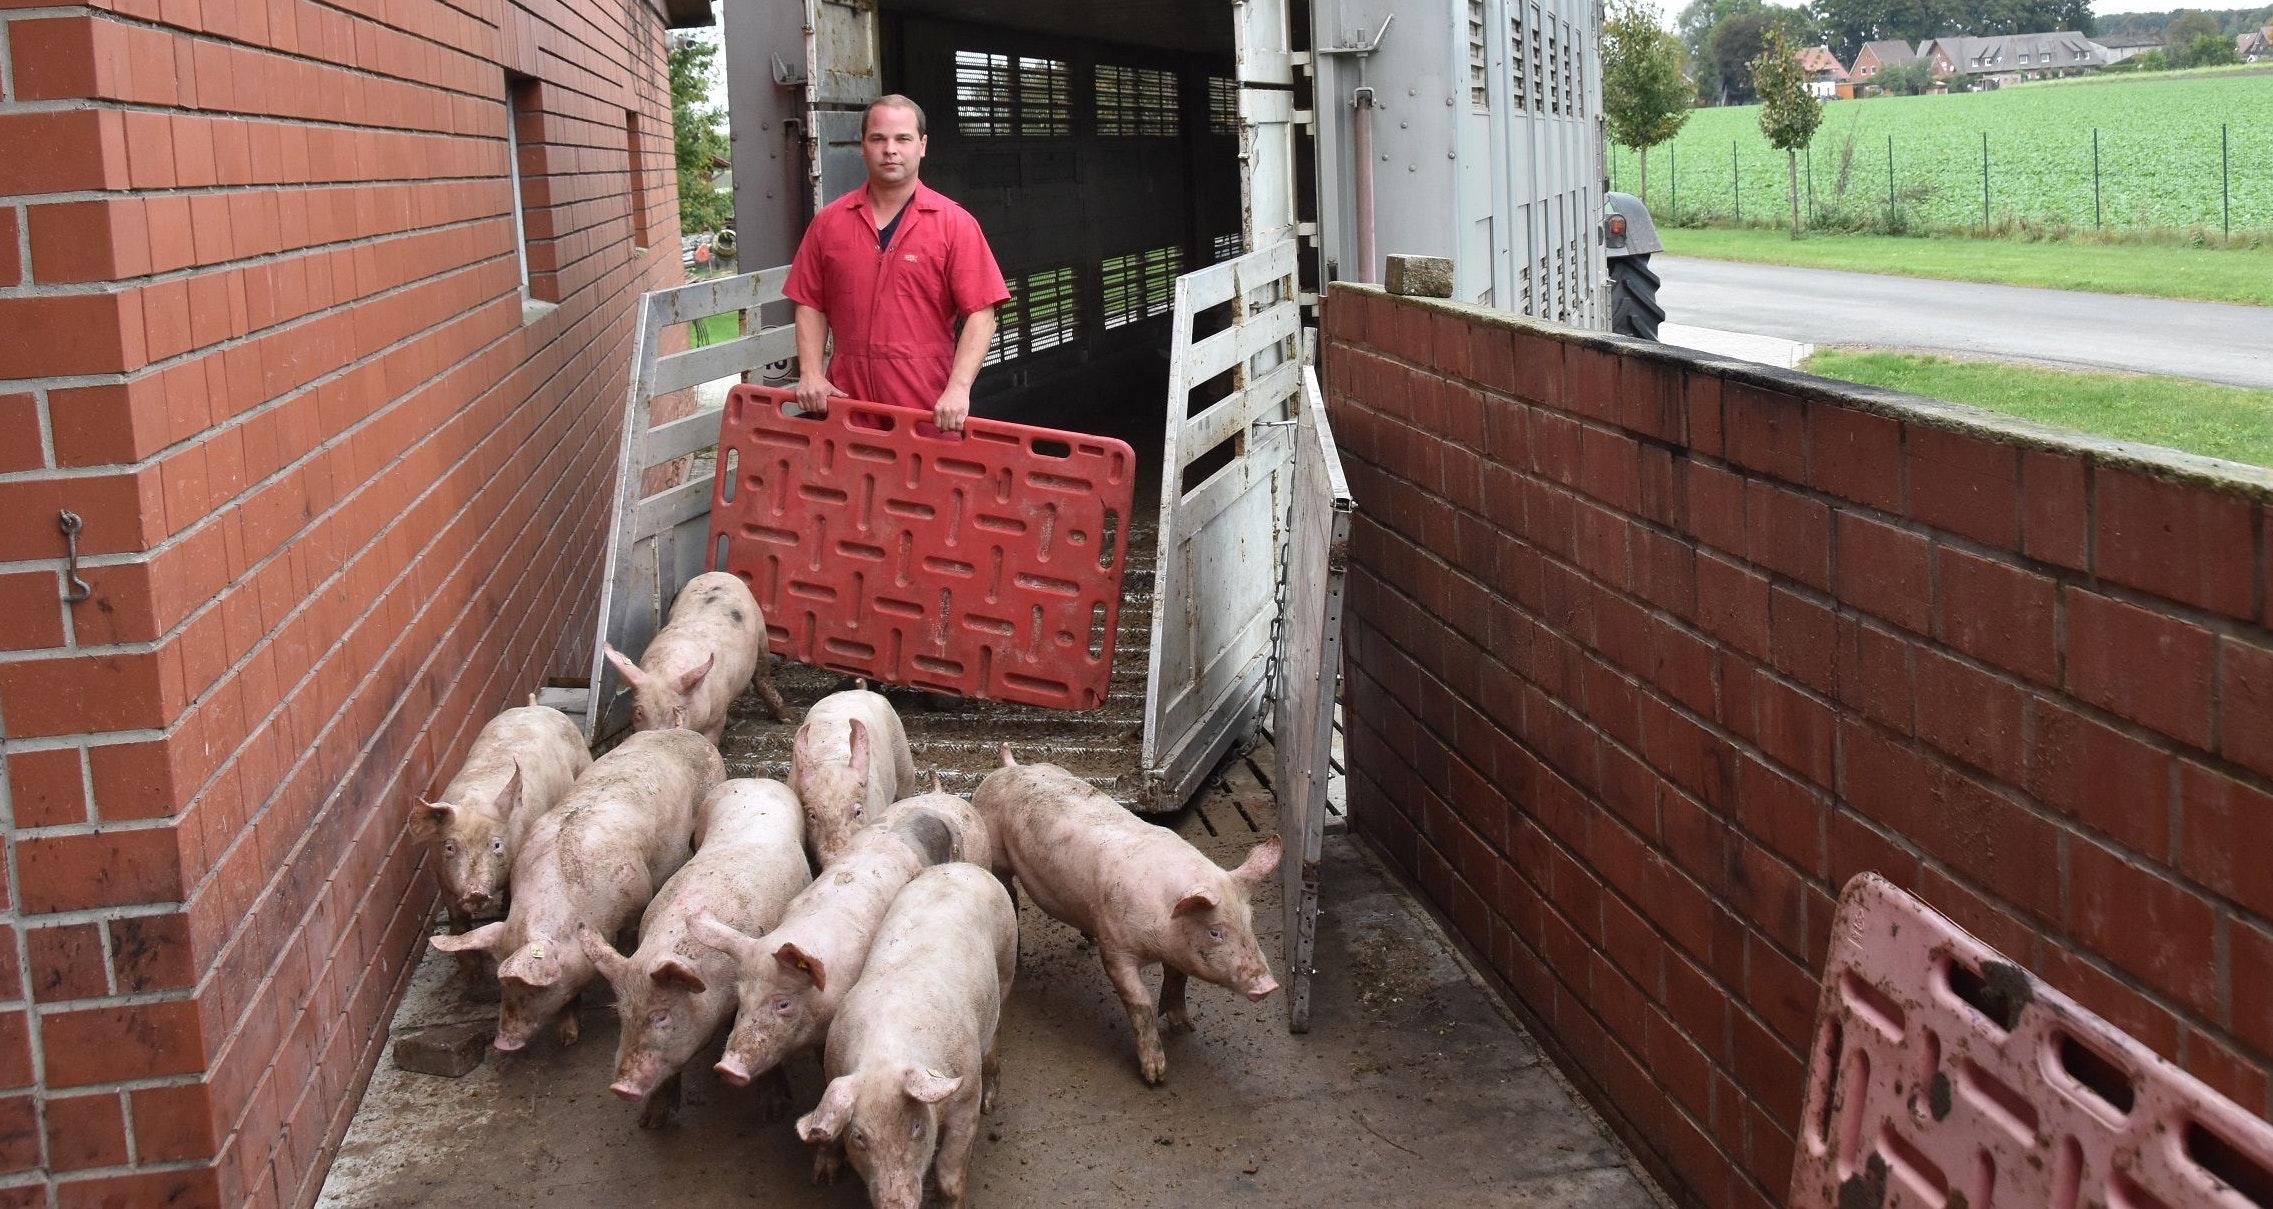 Neue Ferkel: Sören Meyer leitet die Jungtiere aus eigener Erzeugung in den Maststall. Dass es darin Platz für neue Schweine gibt, ist derzeit nicht selbstverständlich. Foto: Tzimurtas